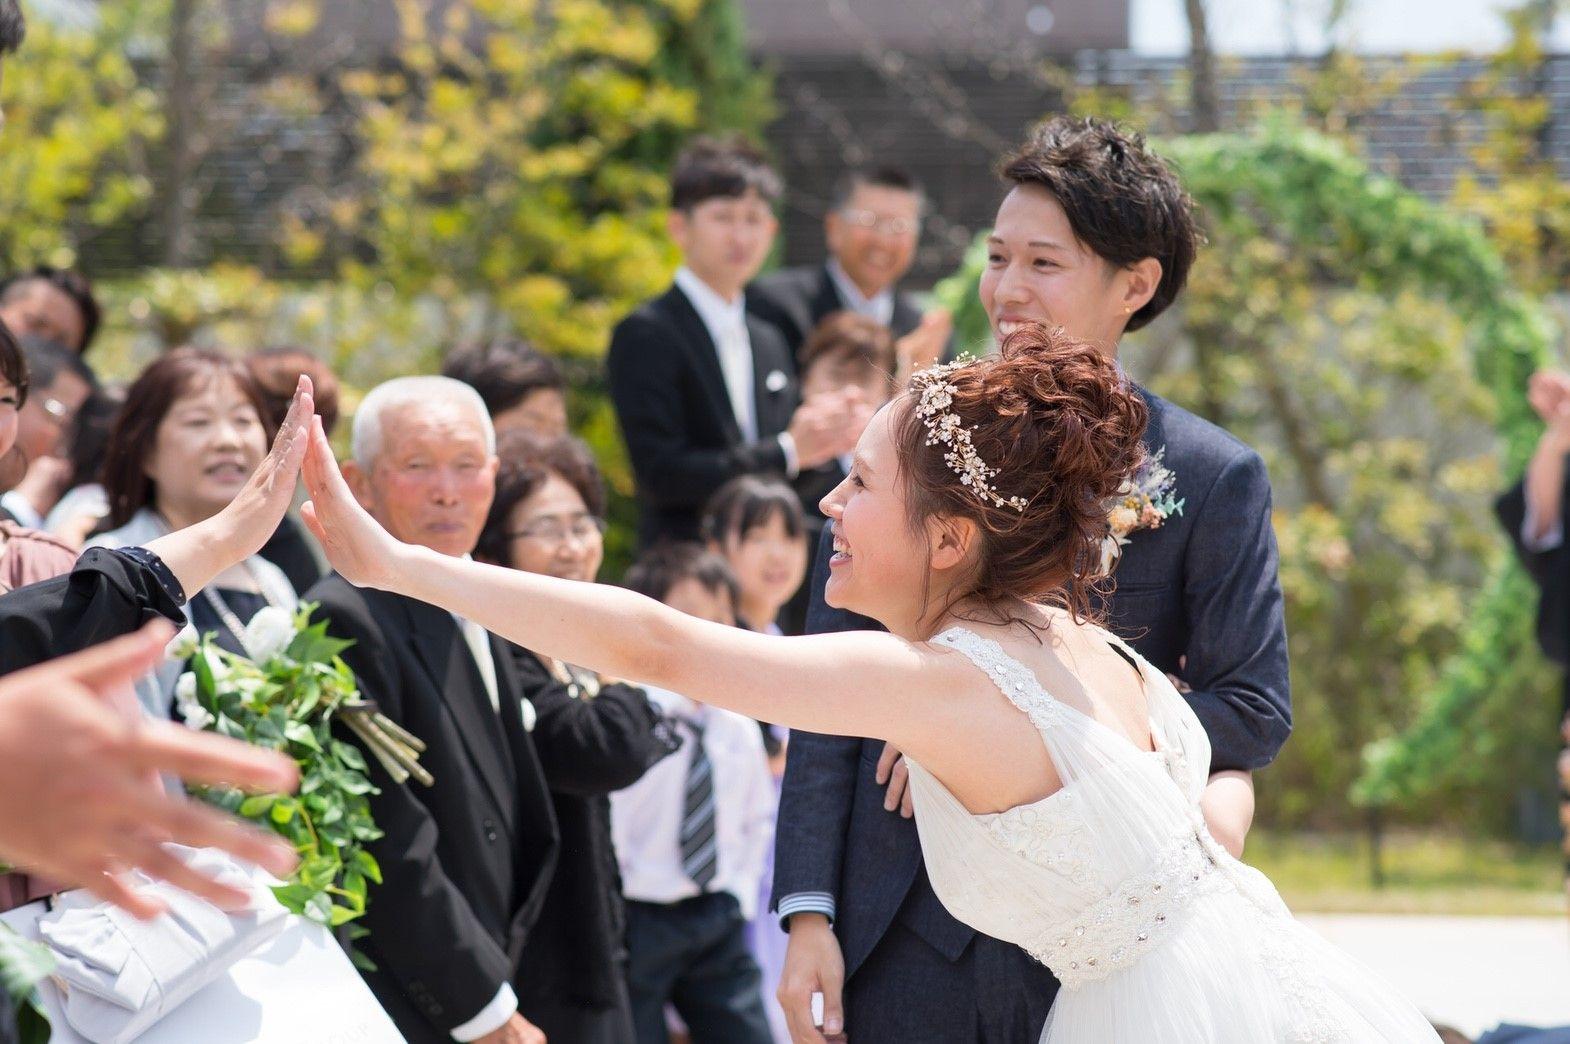 香川県の結婚式場のシェルエメール&アイスタイルのガーデン